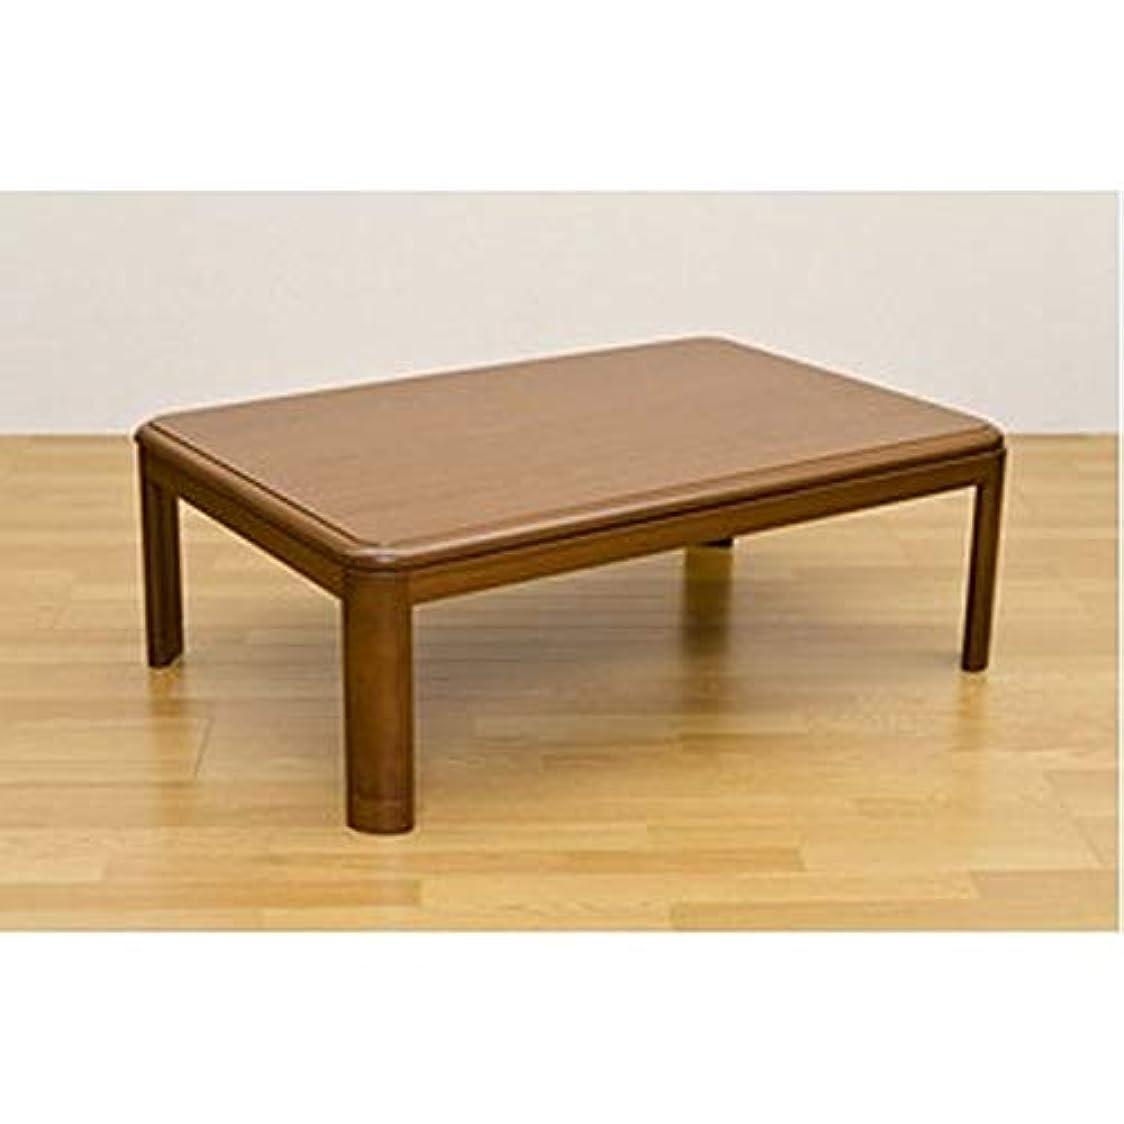 主張する掃除むしろ継ぎ脚式こたつテーブル?本体?-長方形?120cm×80cm-?ブラウン?木製?本体?高さ調節可?継ぎ足?収納ボックス付き-